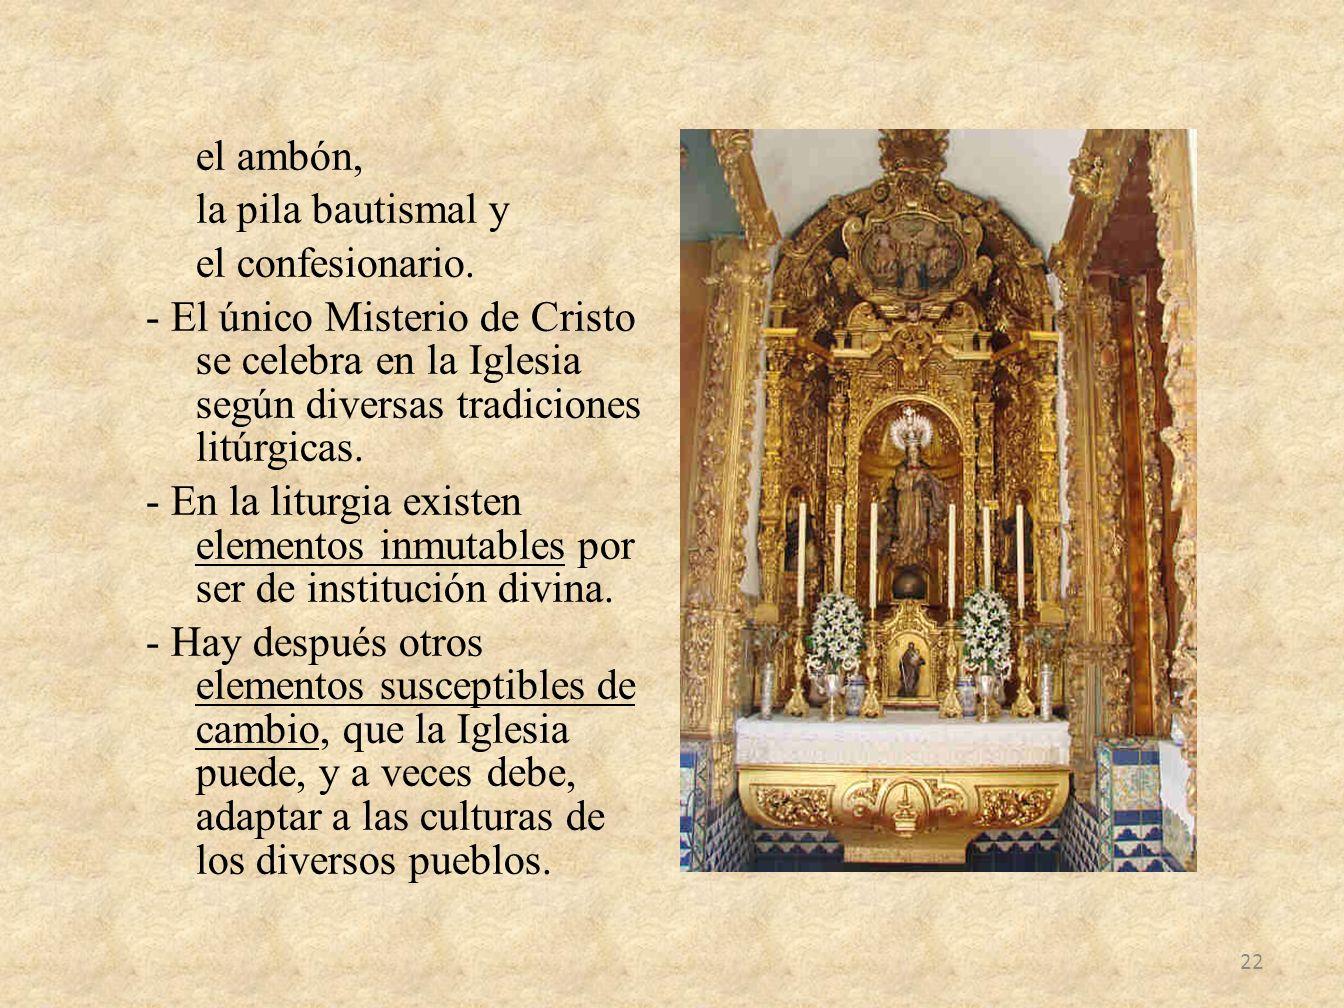 el ambón, la pila bautismal y el confesionario